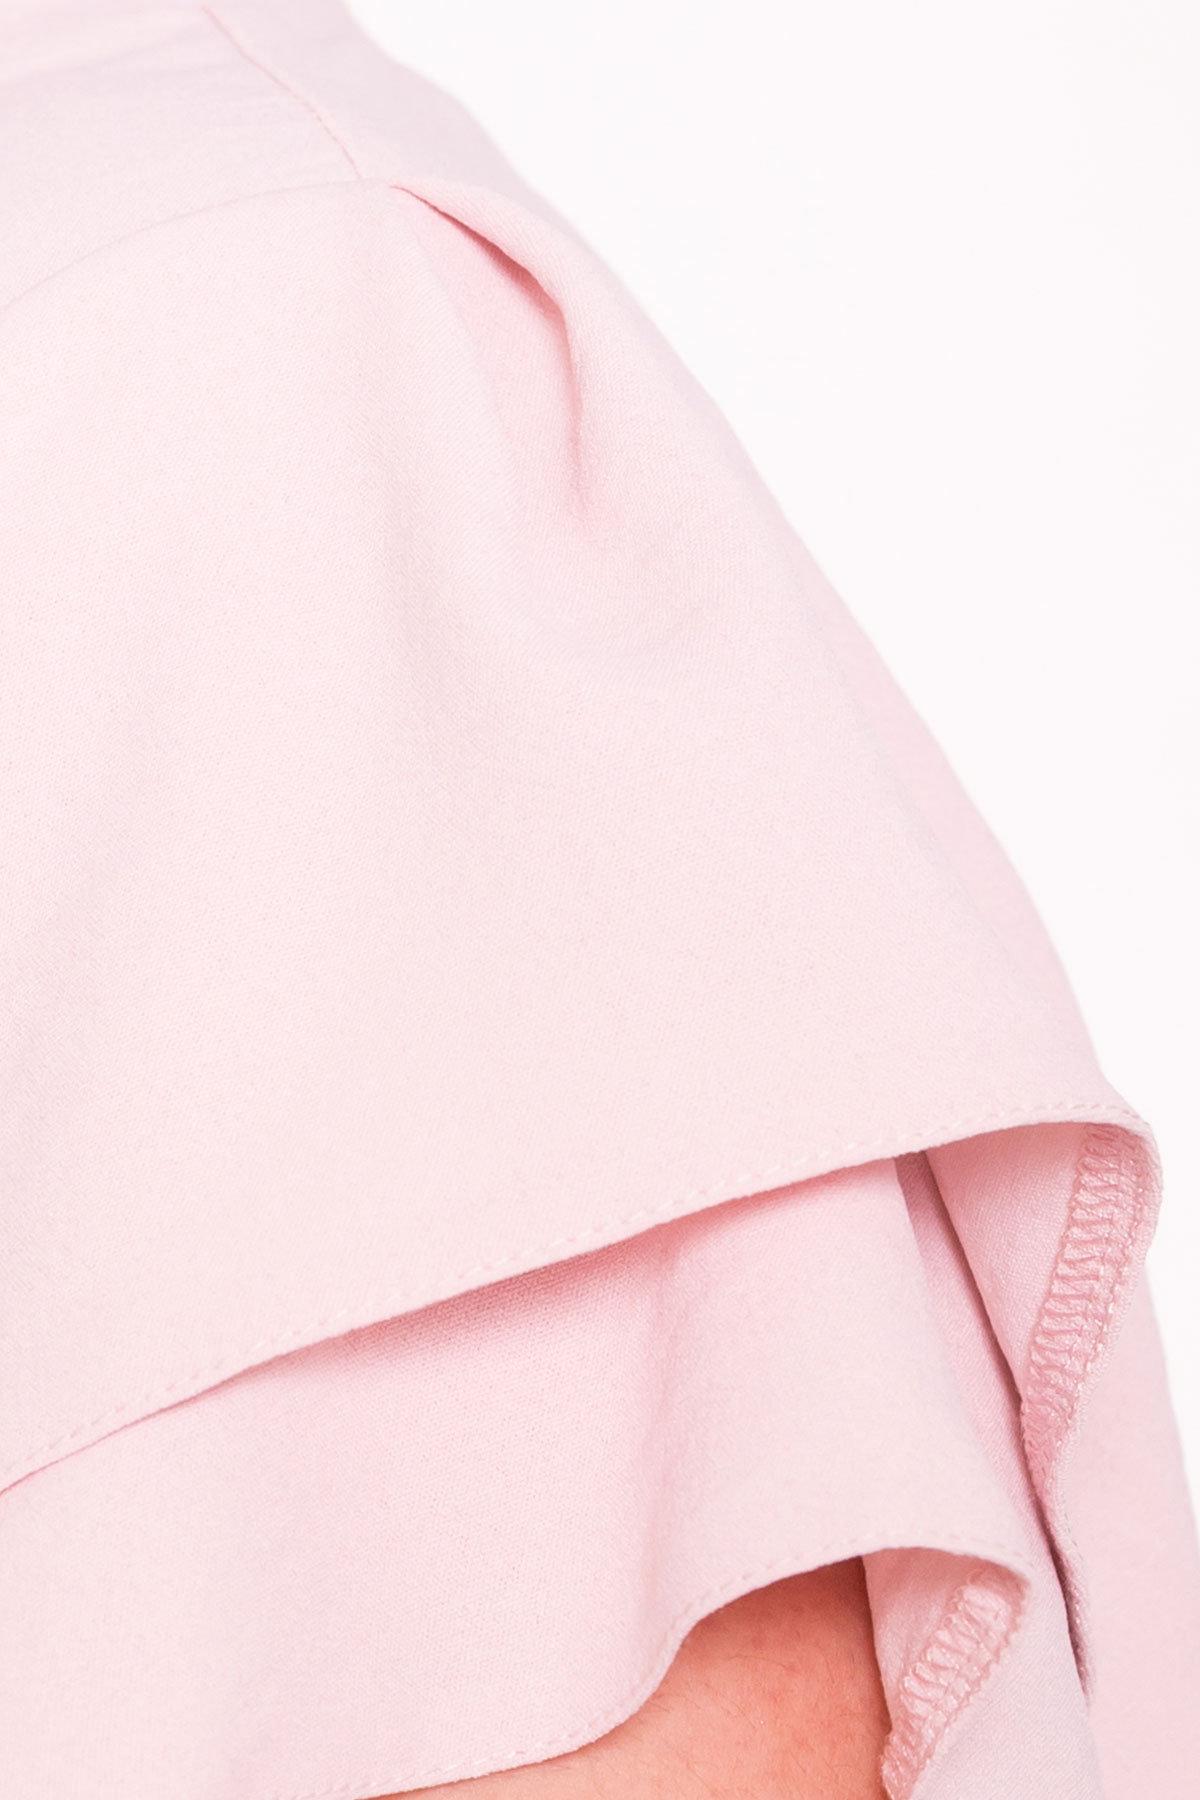 Платье Аделиса DONNA 7355 АРТ. 43165 Цвет: Розовый - фото 4, интернет магазин tm-modus.ru